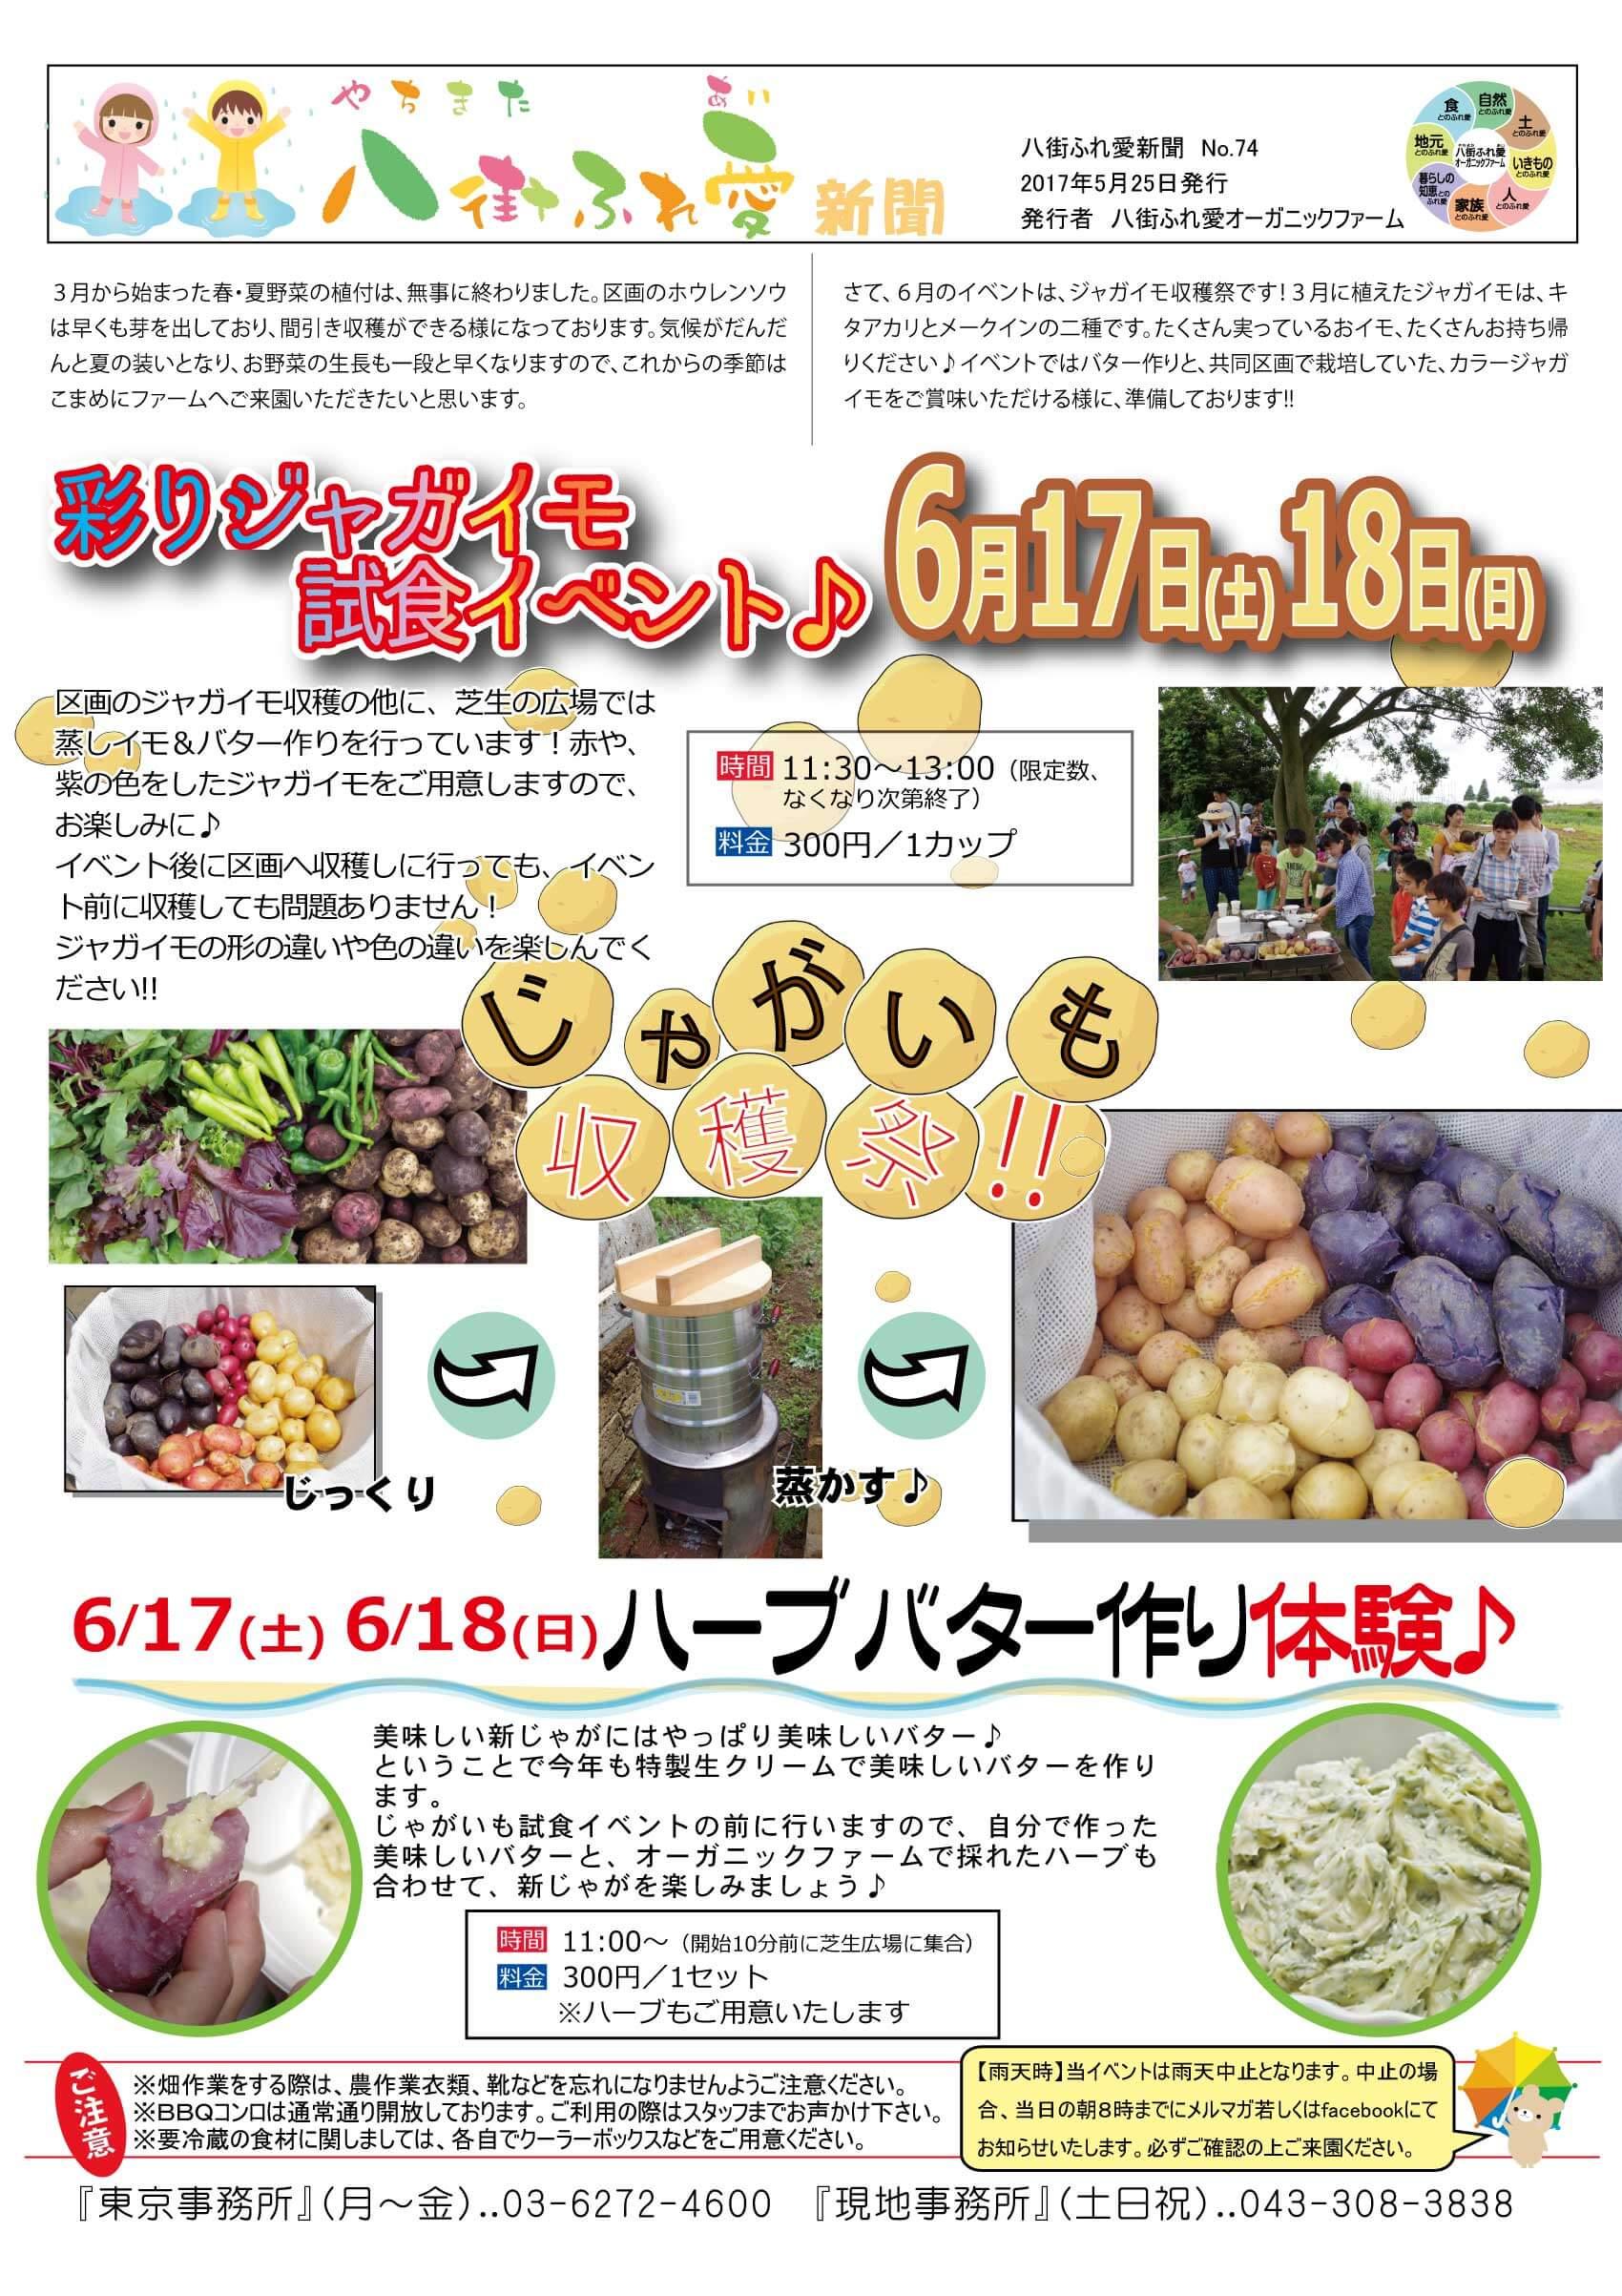 彩りジャガイモ試食イベント 区画のじゃがいも収穫の他に、芝生の広場では蒸しイモ&バター作りを行っています!赤や、紫の色をしたジャガイモをご用意しますのでお楽しみに♪イベント後に区画へ収穫しに行ってもイベント前に収穫しても問題ありません!ジャガイモの形の違いや色の違いを楽しんでください!6/17(土)6/18(日)ハーブバター作り体験♪美味しい新じゃがにはやっぱり美味しいバター♪ということで今年も特製生クリームで美味しいバターを作ります。ジャガイモ試食イベントの前に行いますので、自分で作った美味しいバターと、オーガニックファームで採れたハーブも合わせて、新じゃがを楽しみましょう♪